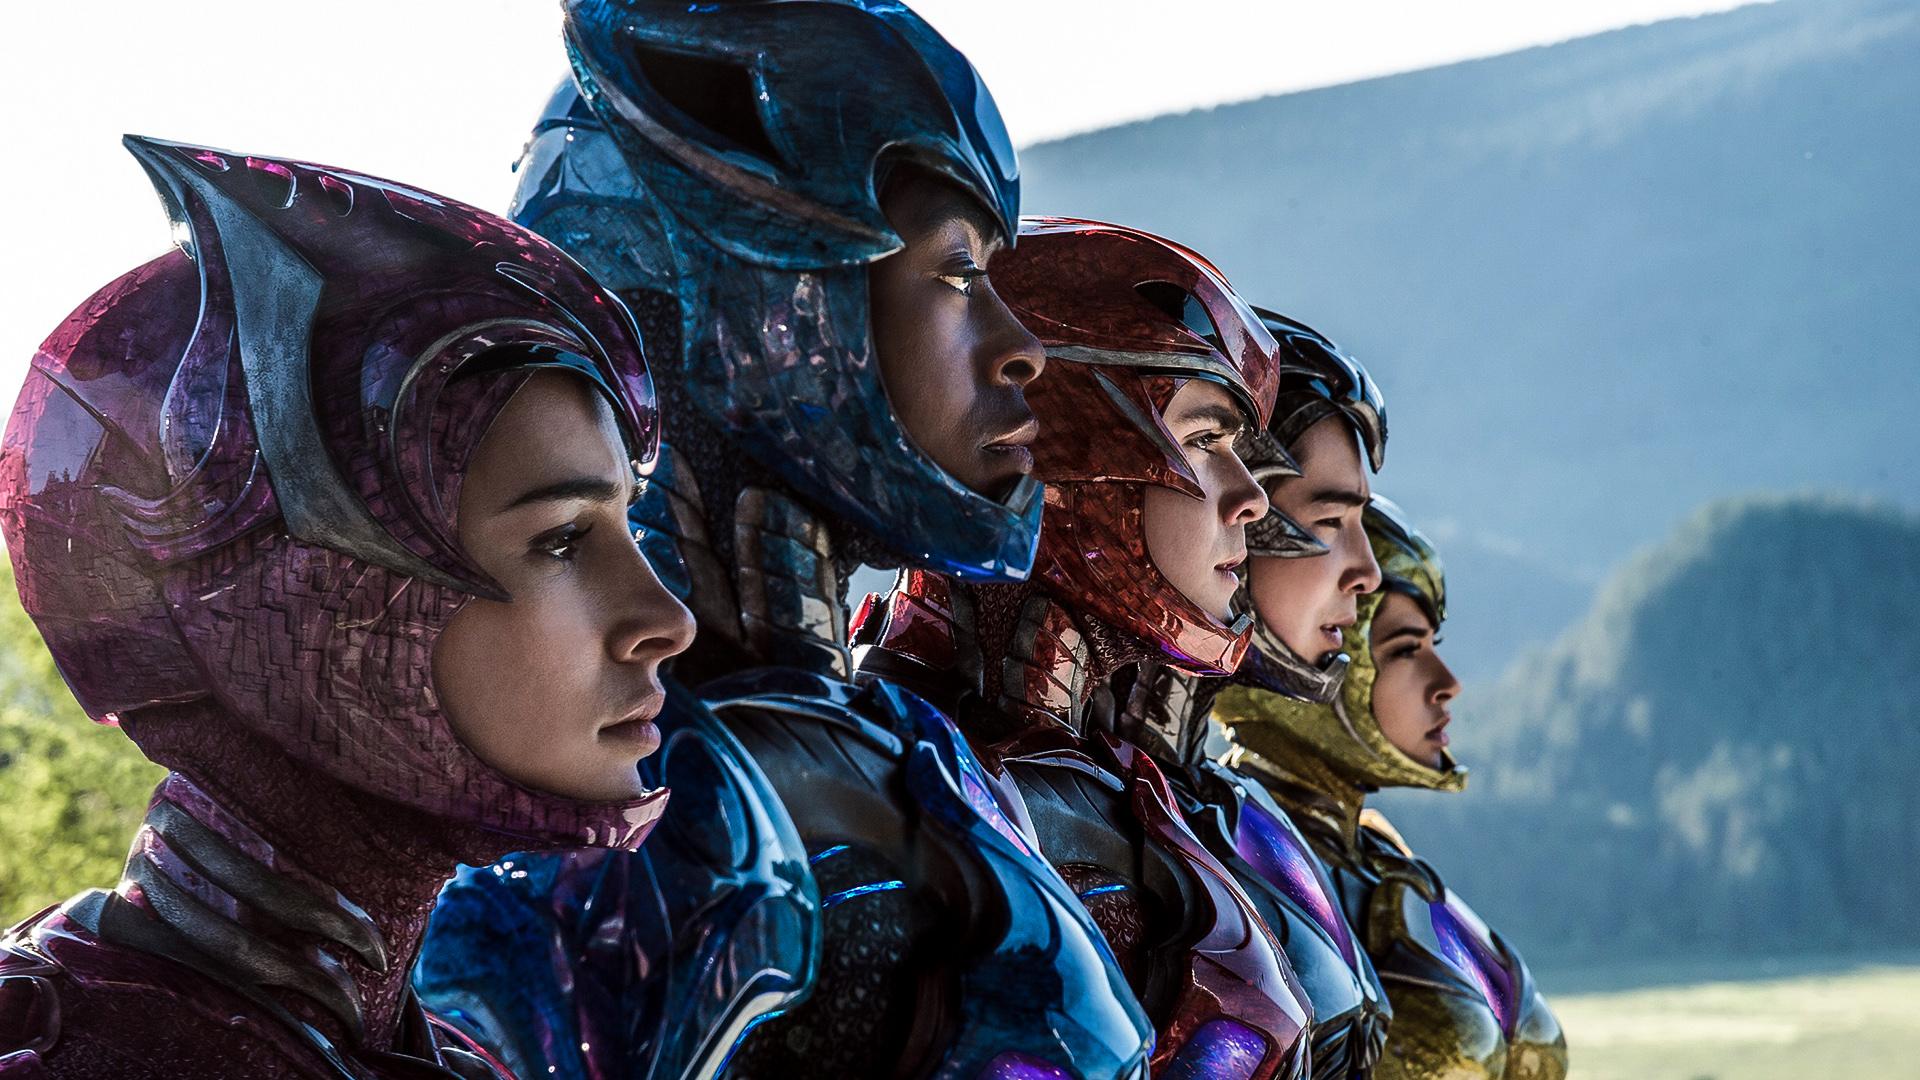 La nueva película de 'Power Rangers' incluirá al primer superhéroe gay del cine